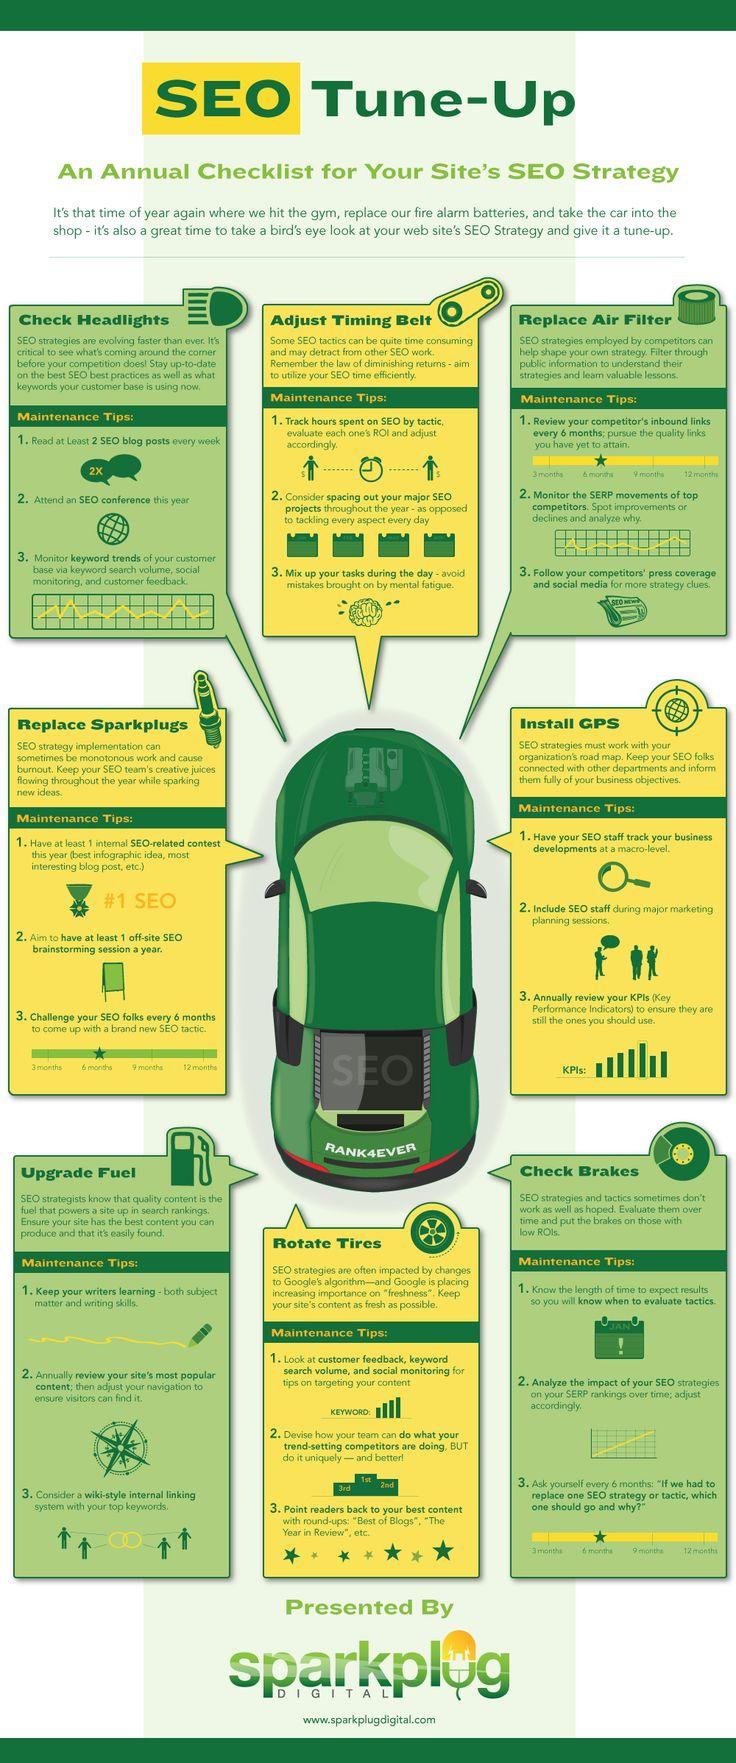 Le site Sparkplug Digital nous propose (via le site Maveille) cette infographie amusante intitulée «SEO Tune-up» qui présente les différents points à prendre en compte dans une stratégie de référencement sous la forme d'une révision automobile : lumières, bougies, filtre à air ou GPS, tout y passe pour être sûr de ne pas tomber en panne de trafic